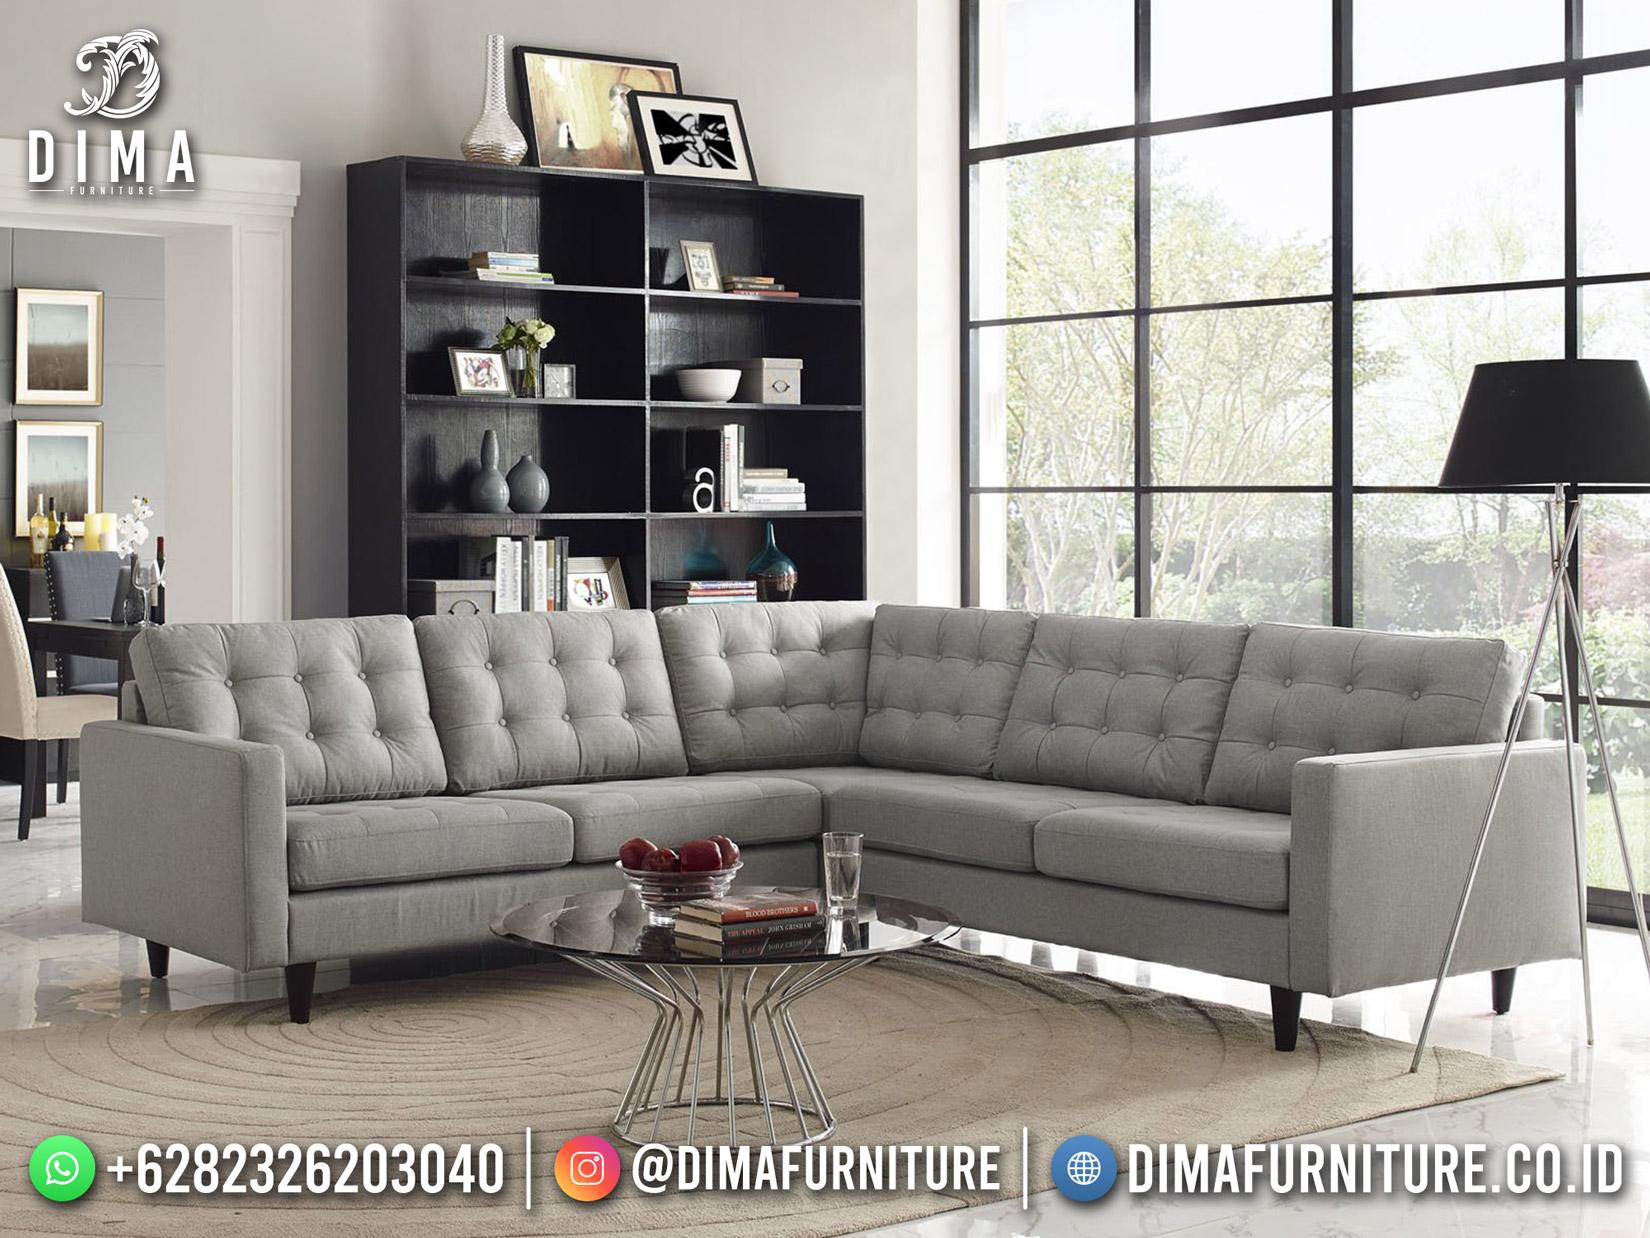 Best Seller Desain Sofa Tamu Minimalis L Jepara Living Room Lava Gray BT-1063